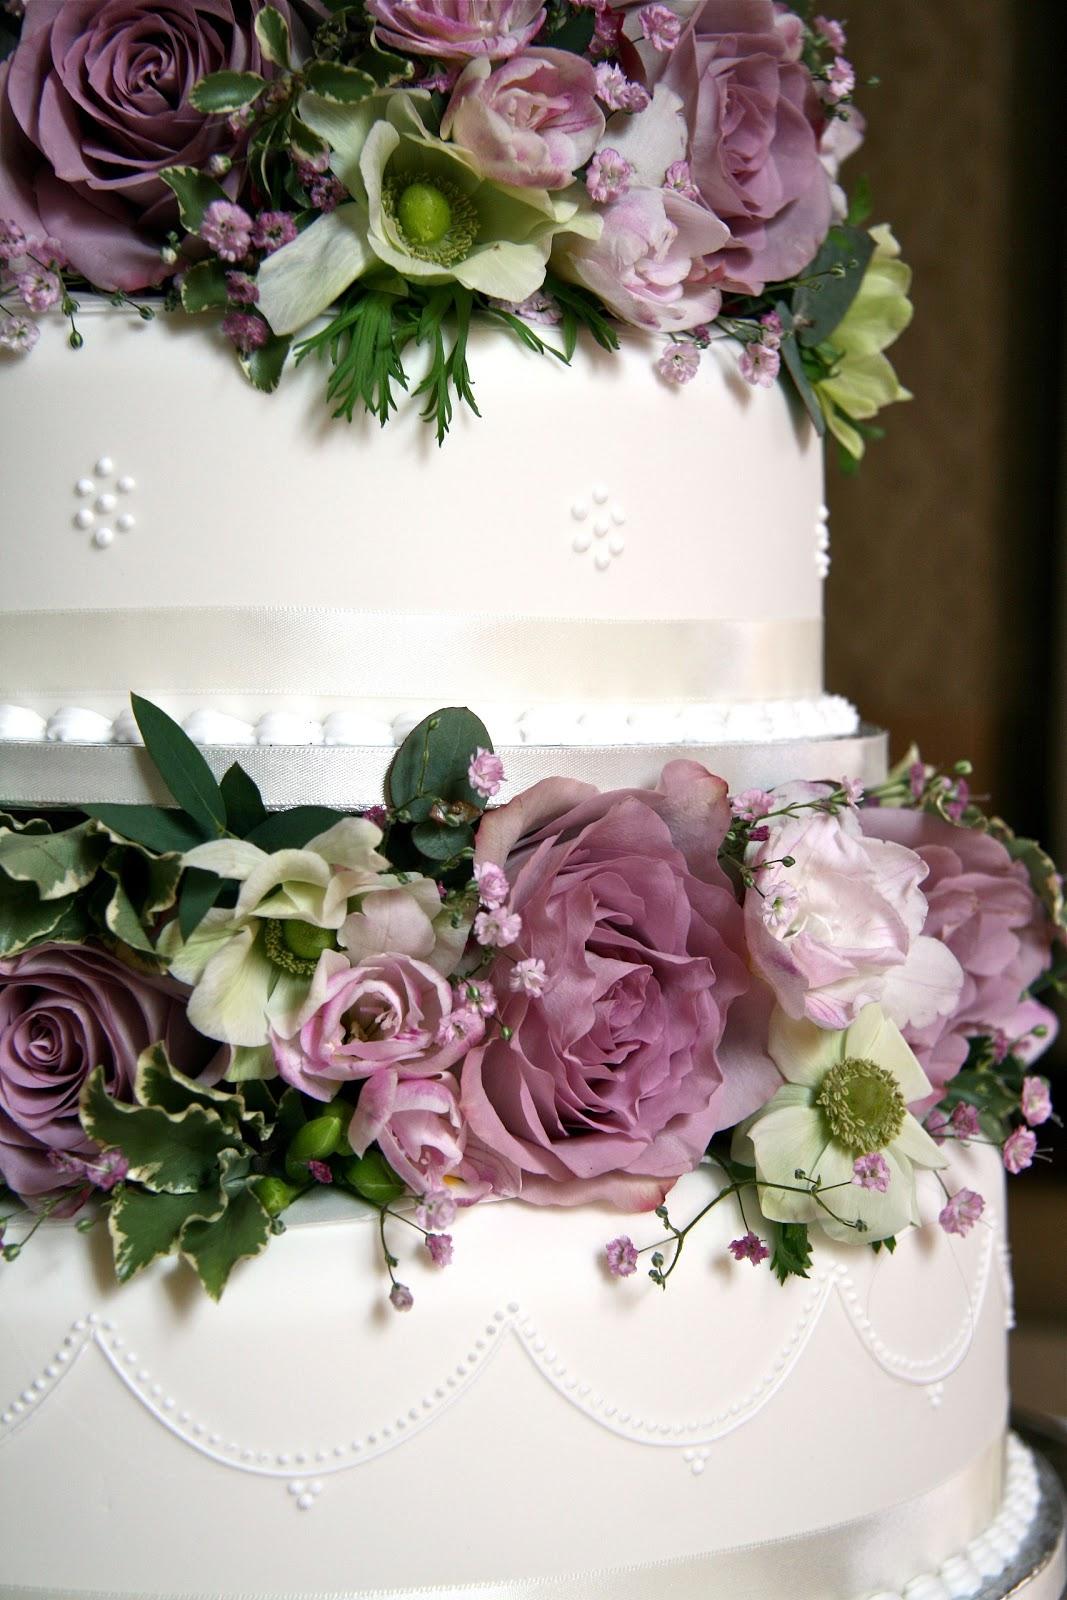 wedding flowers blog april 2012. Black Bedroom Furniture Sets. Home Design Ideas